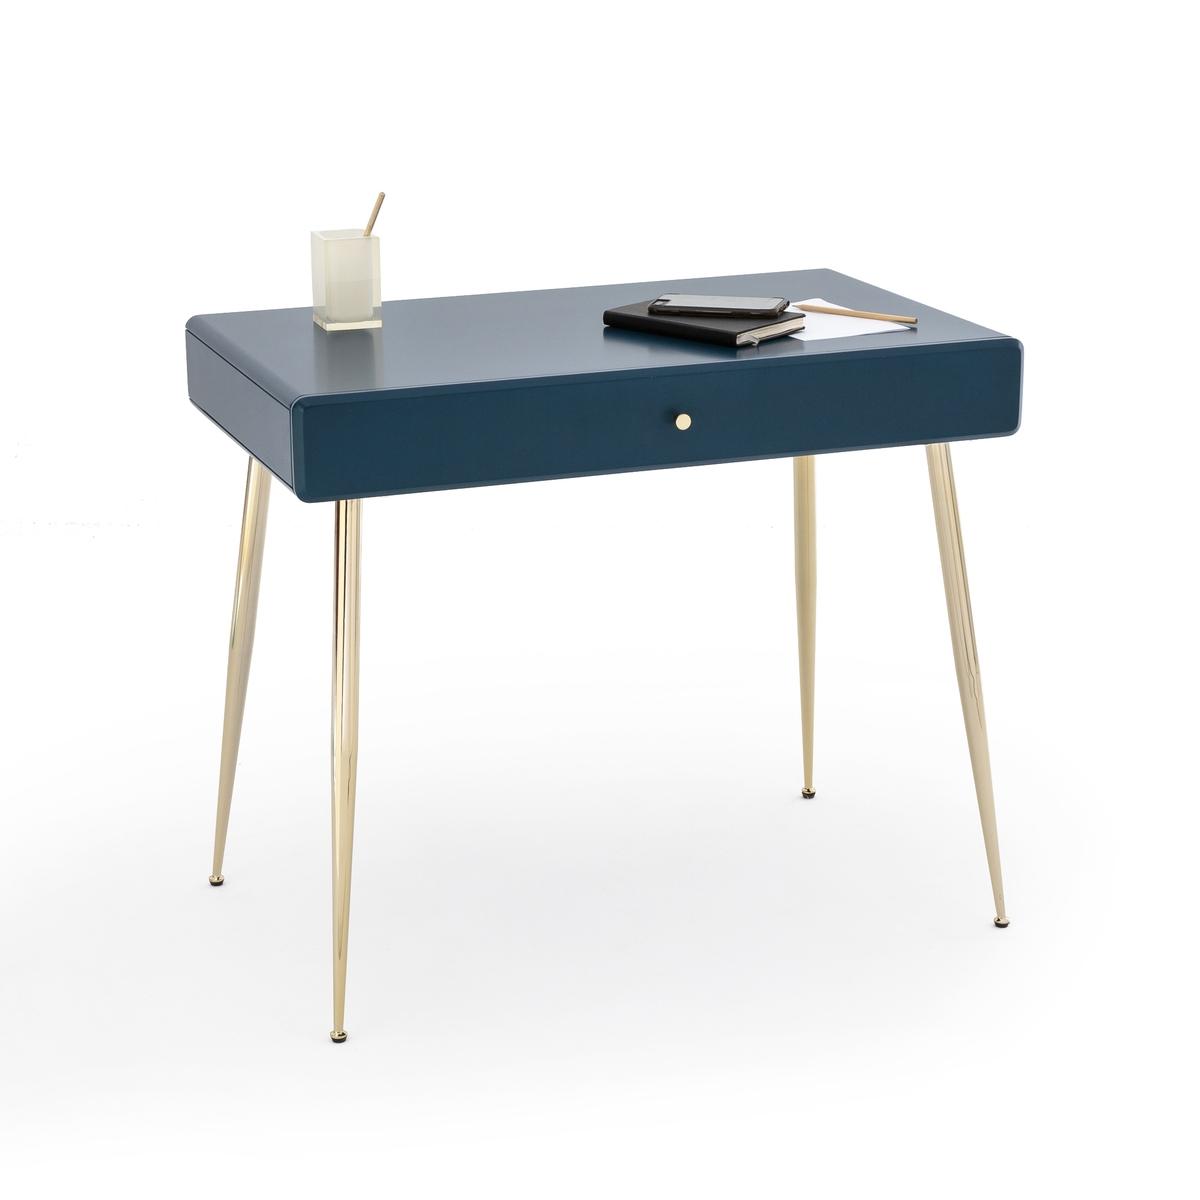 Стол La Redoute Письменный с ящиком TOPIM единый размер синий